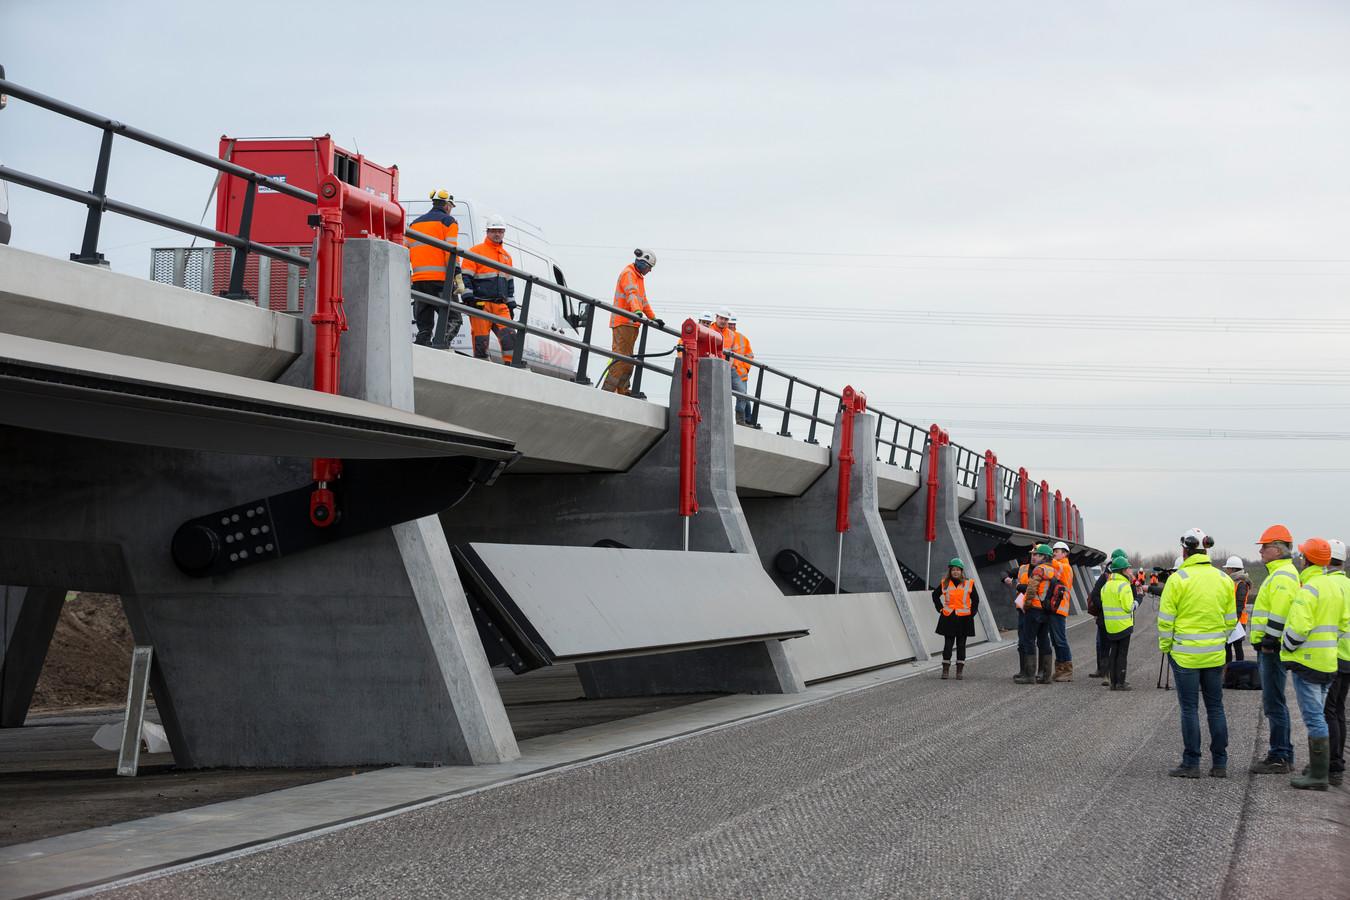 De inlaatkleppen in Veessen, bij Zwolle. Tegenstanders van de schuif in Lob van Gennep vrezen dat er tussen Milsbeek en Gennep een vergelijkbare constructie komt.